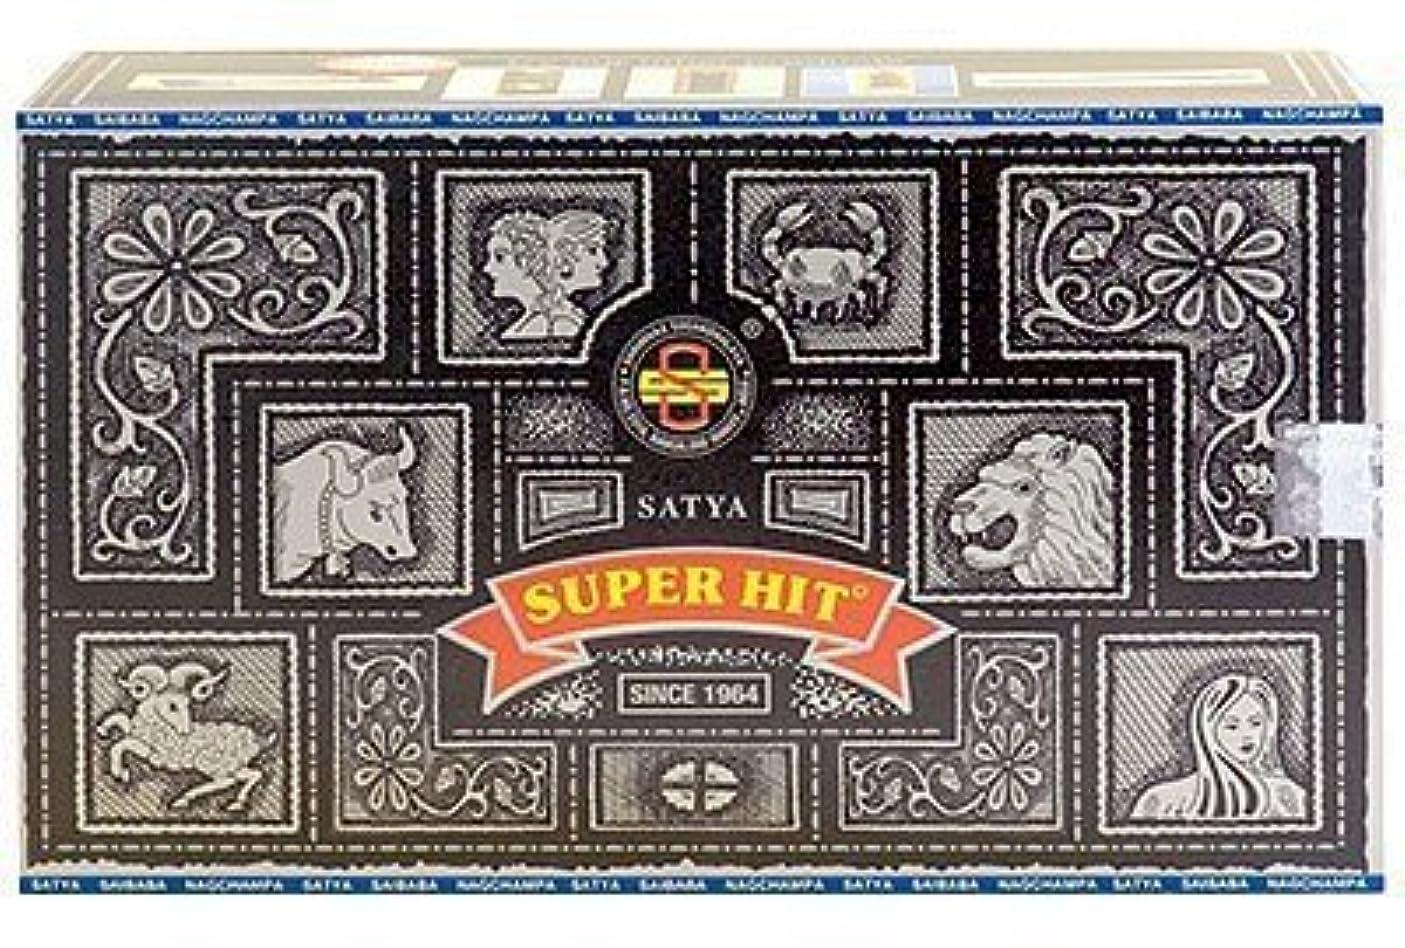 尾収益袋Super Hit Incense Sticks 480g (12pkgs. x 40g) by Satya [並行輸入品]